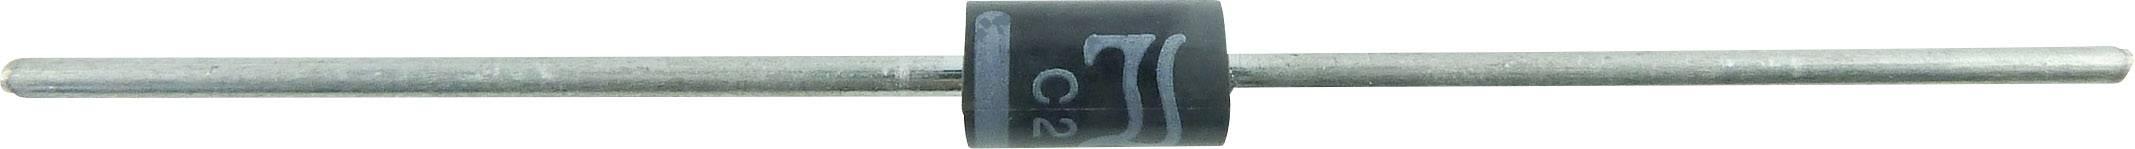 Křemíková usměrňovací dioda TRU COMPONENTS TC-1N5404, 1581851, DO-201 , 3 A, 400 V